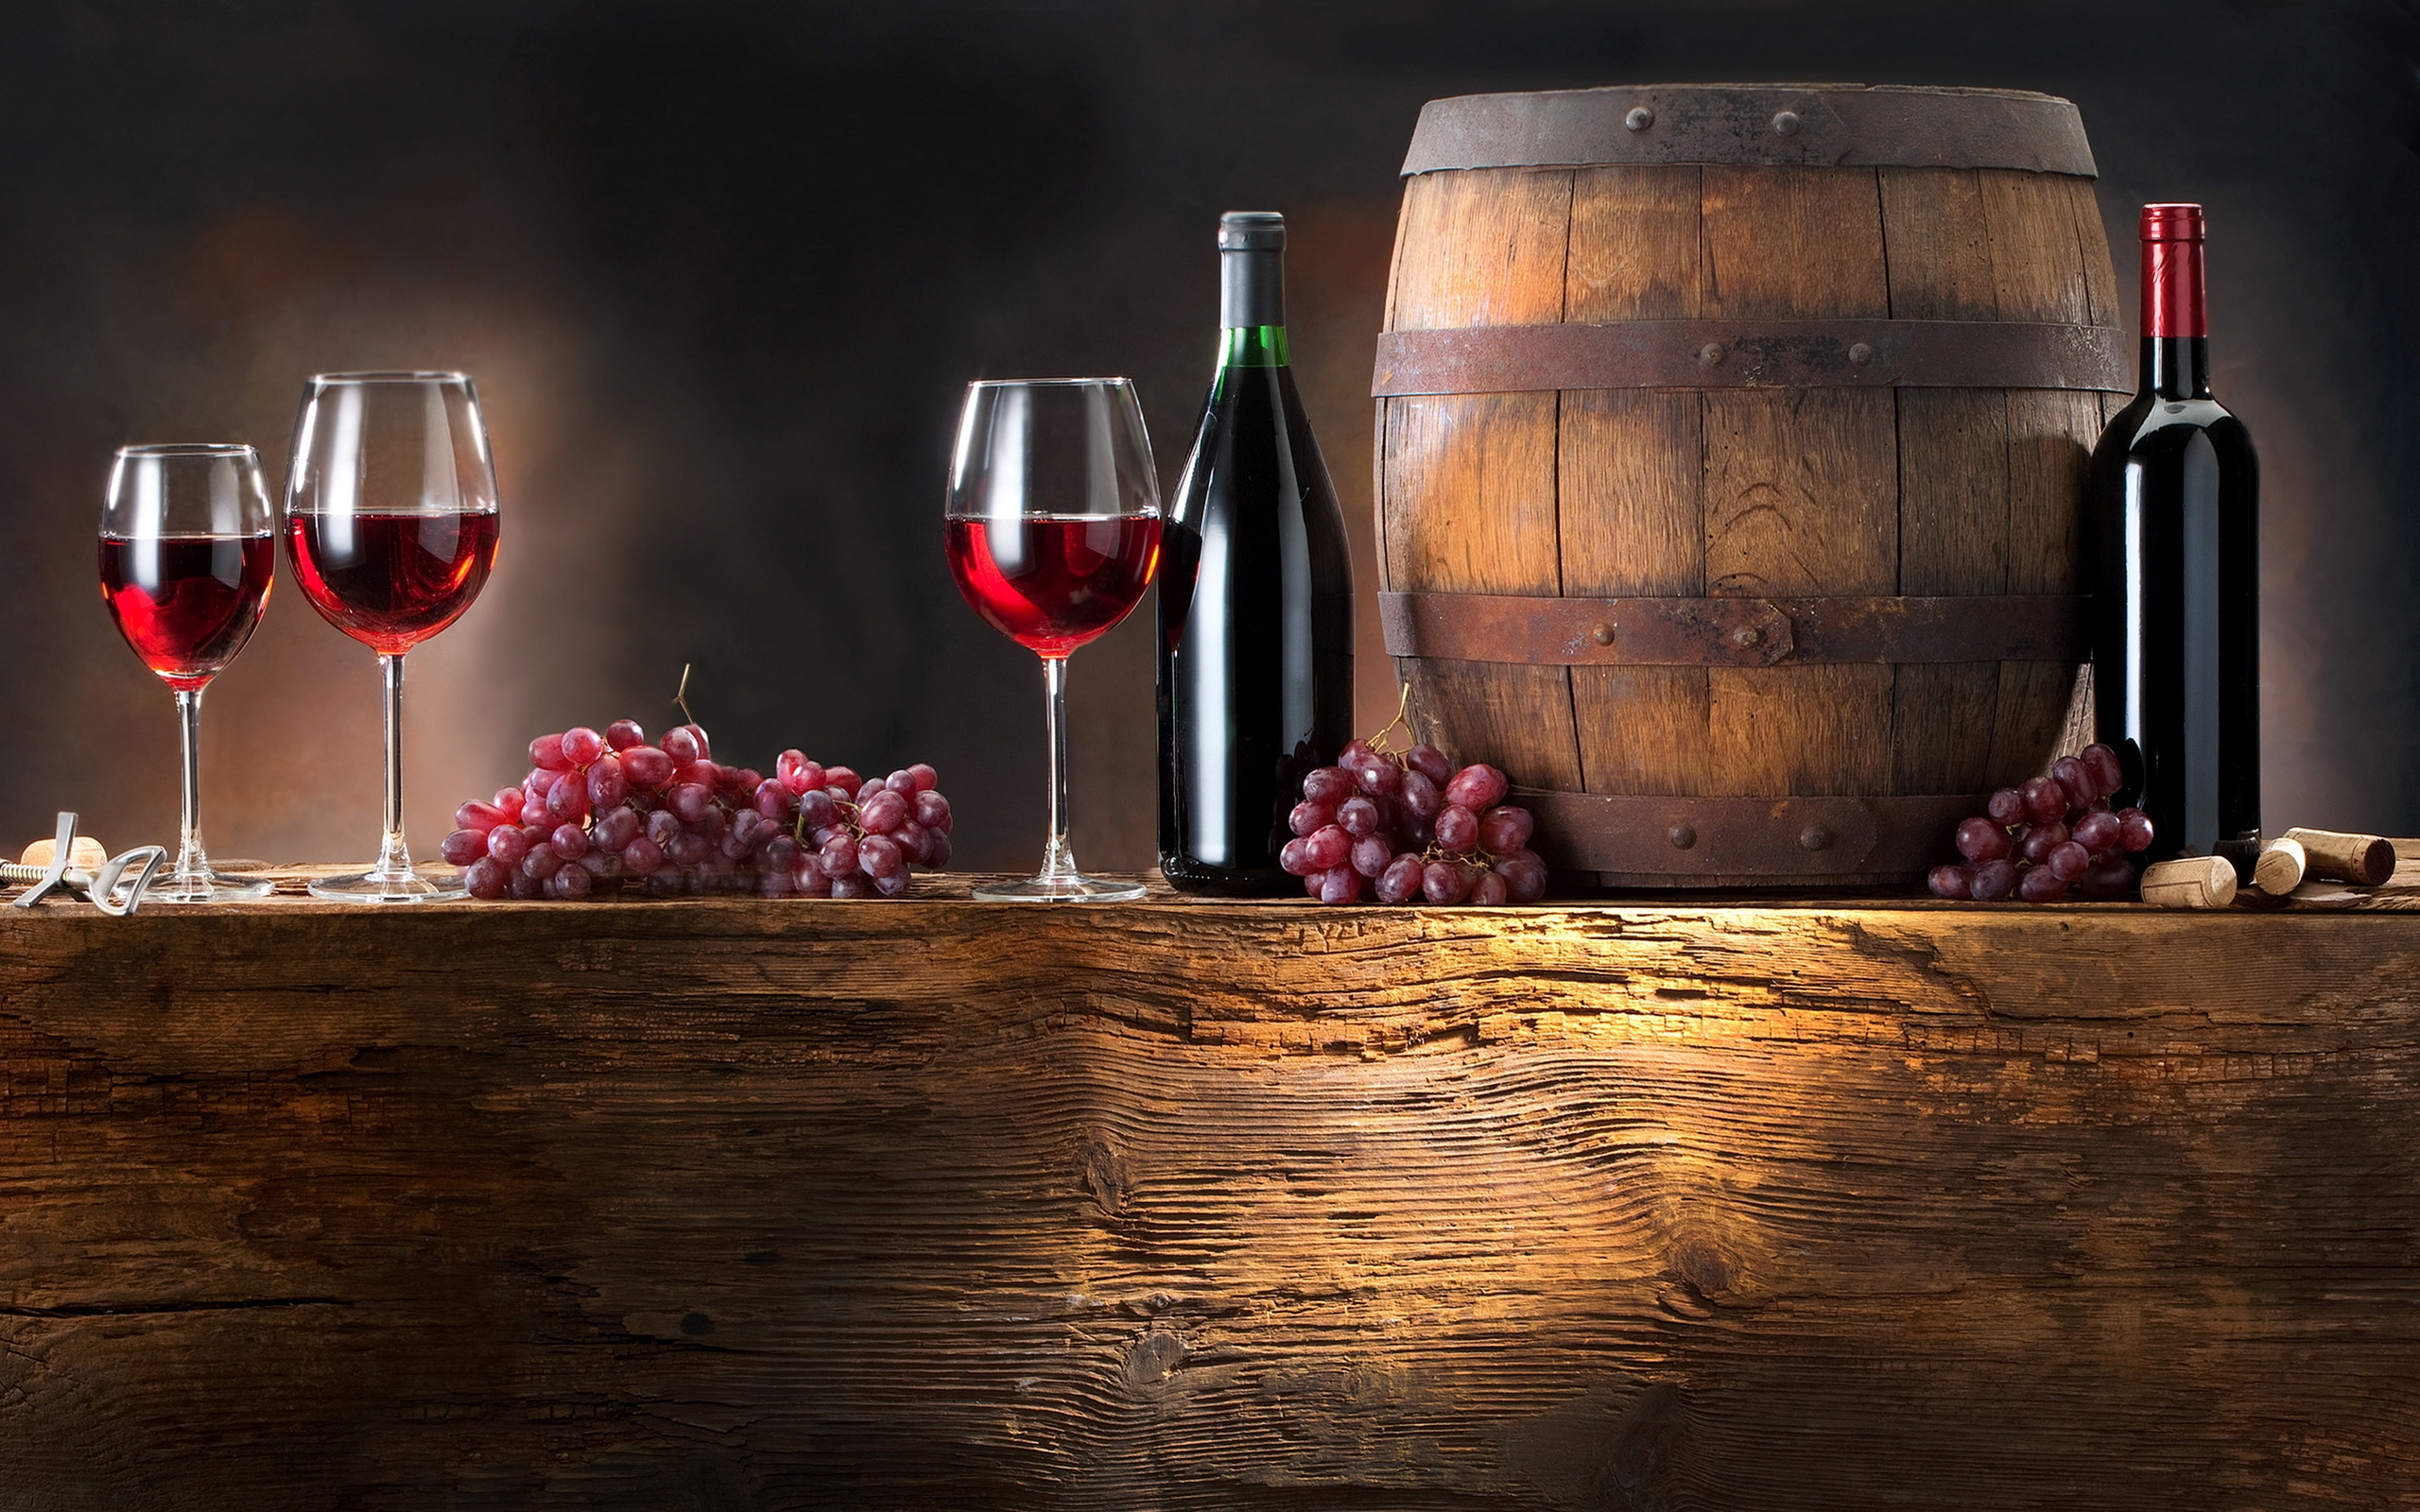 Картинки бочки с вином